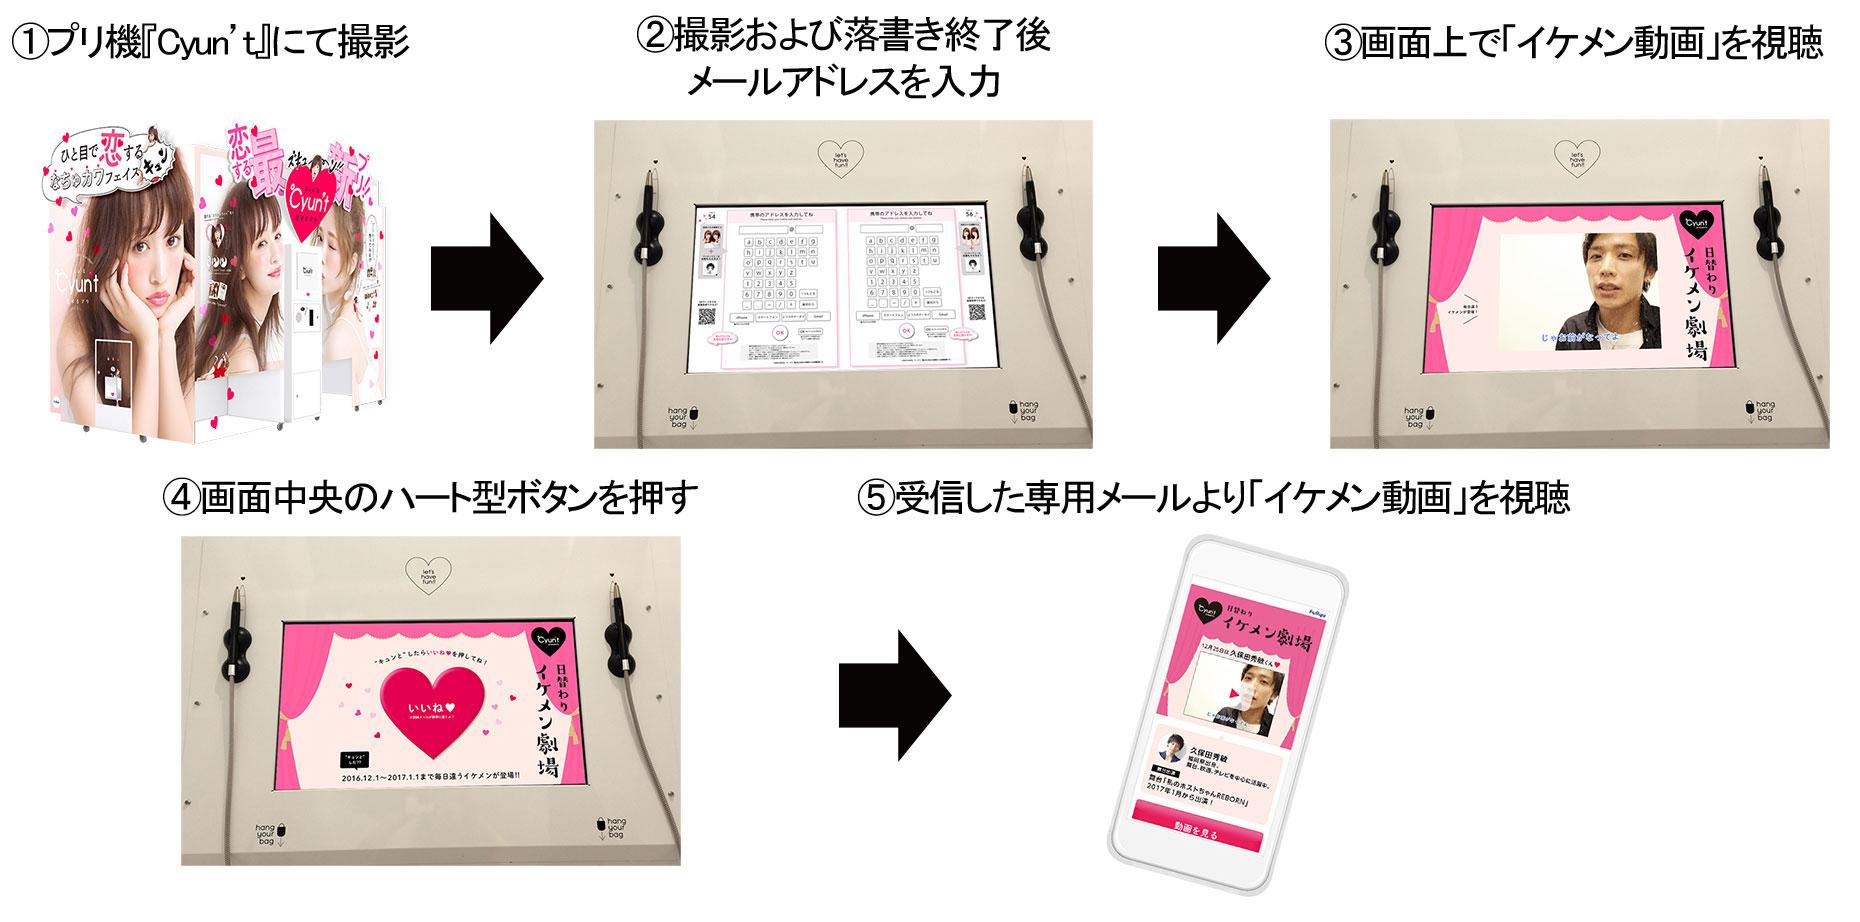 イケメン劇場 動画視聴方法 イメージ